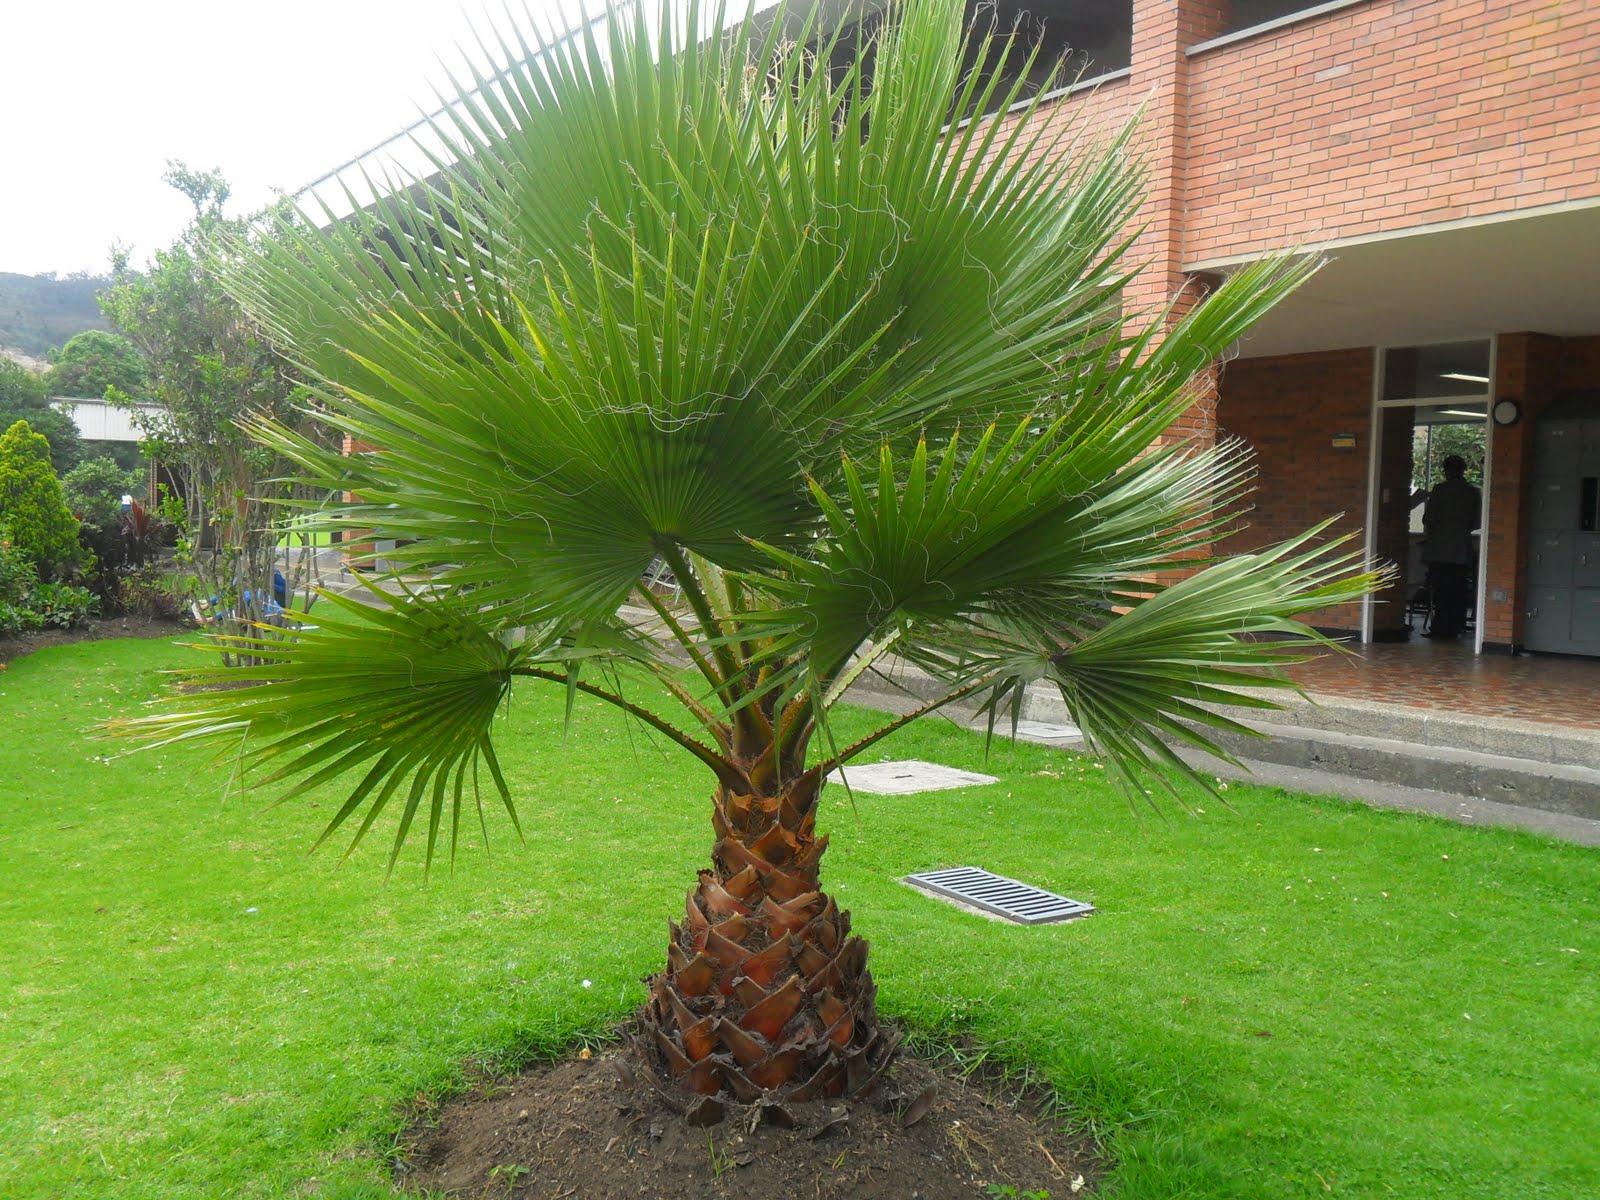 Arte y jardiner a trachycarpus fortunei for Palmeras pequenas para jardin